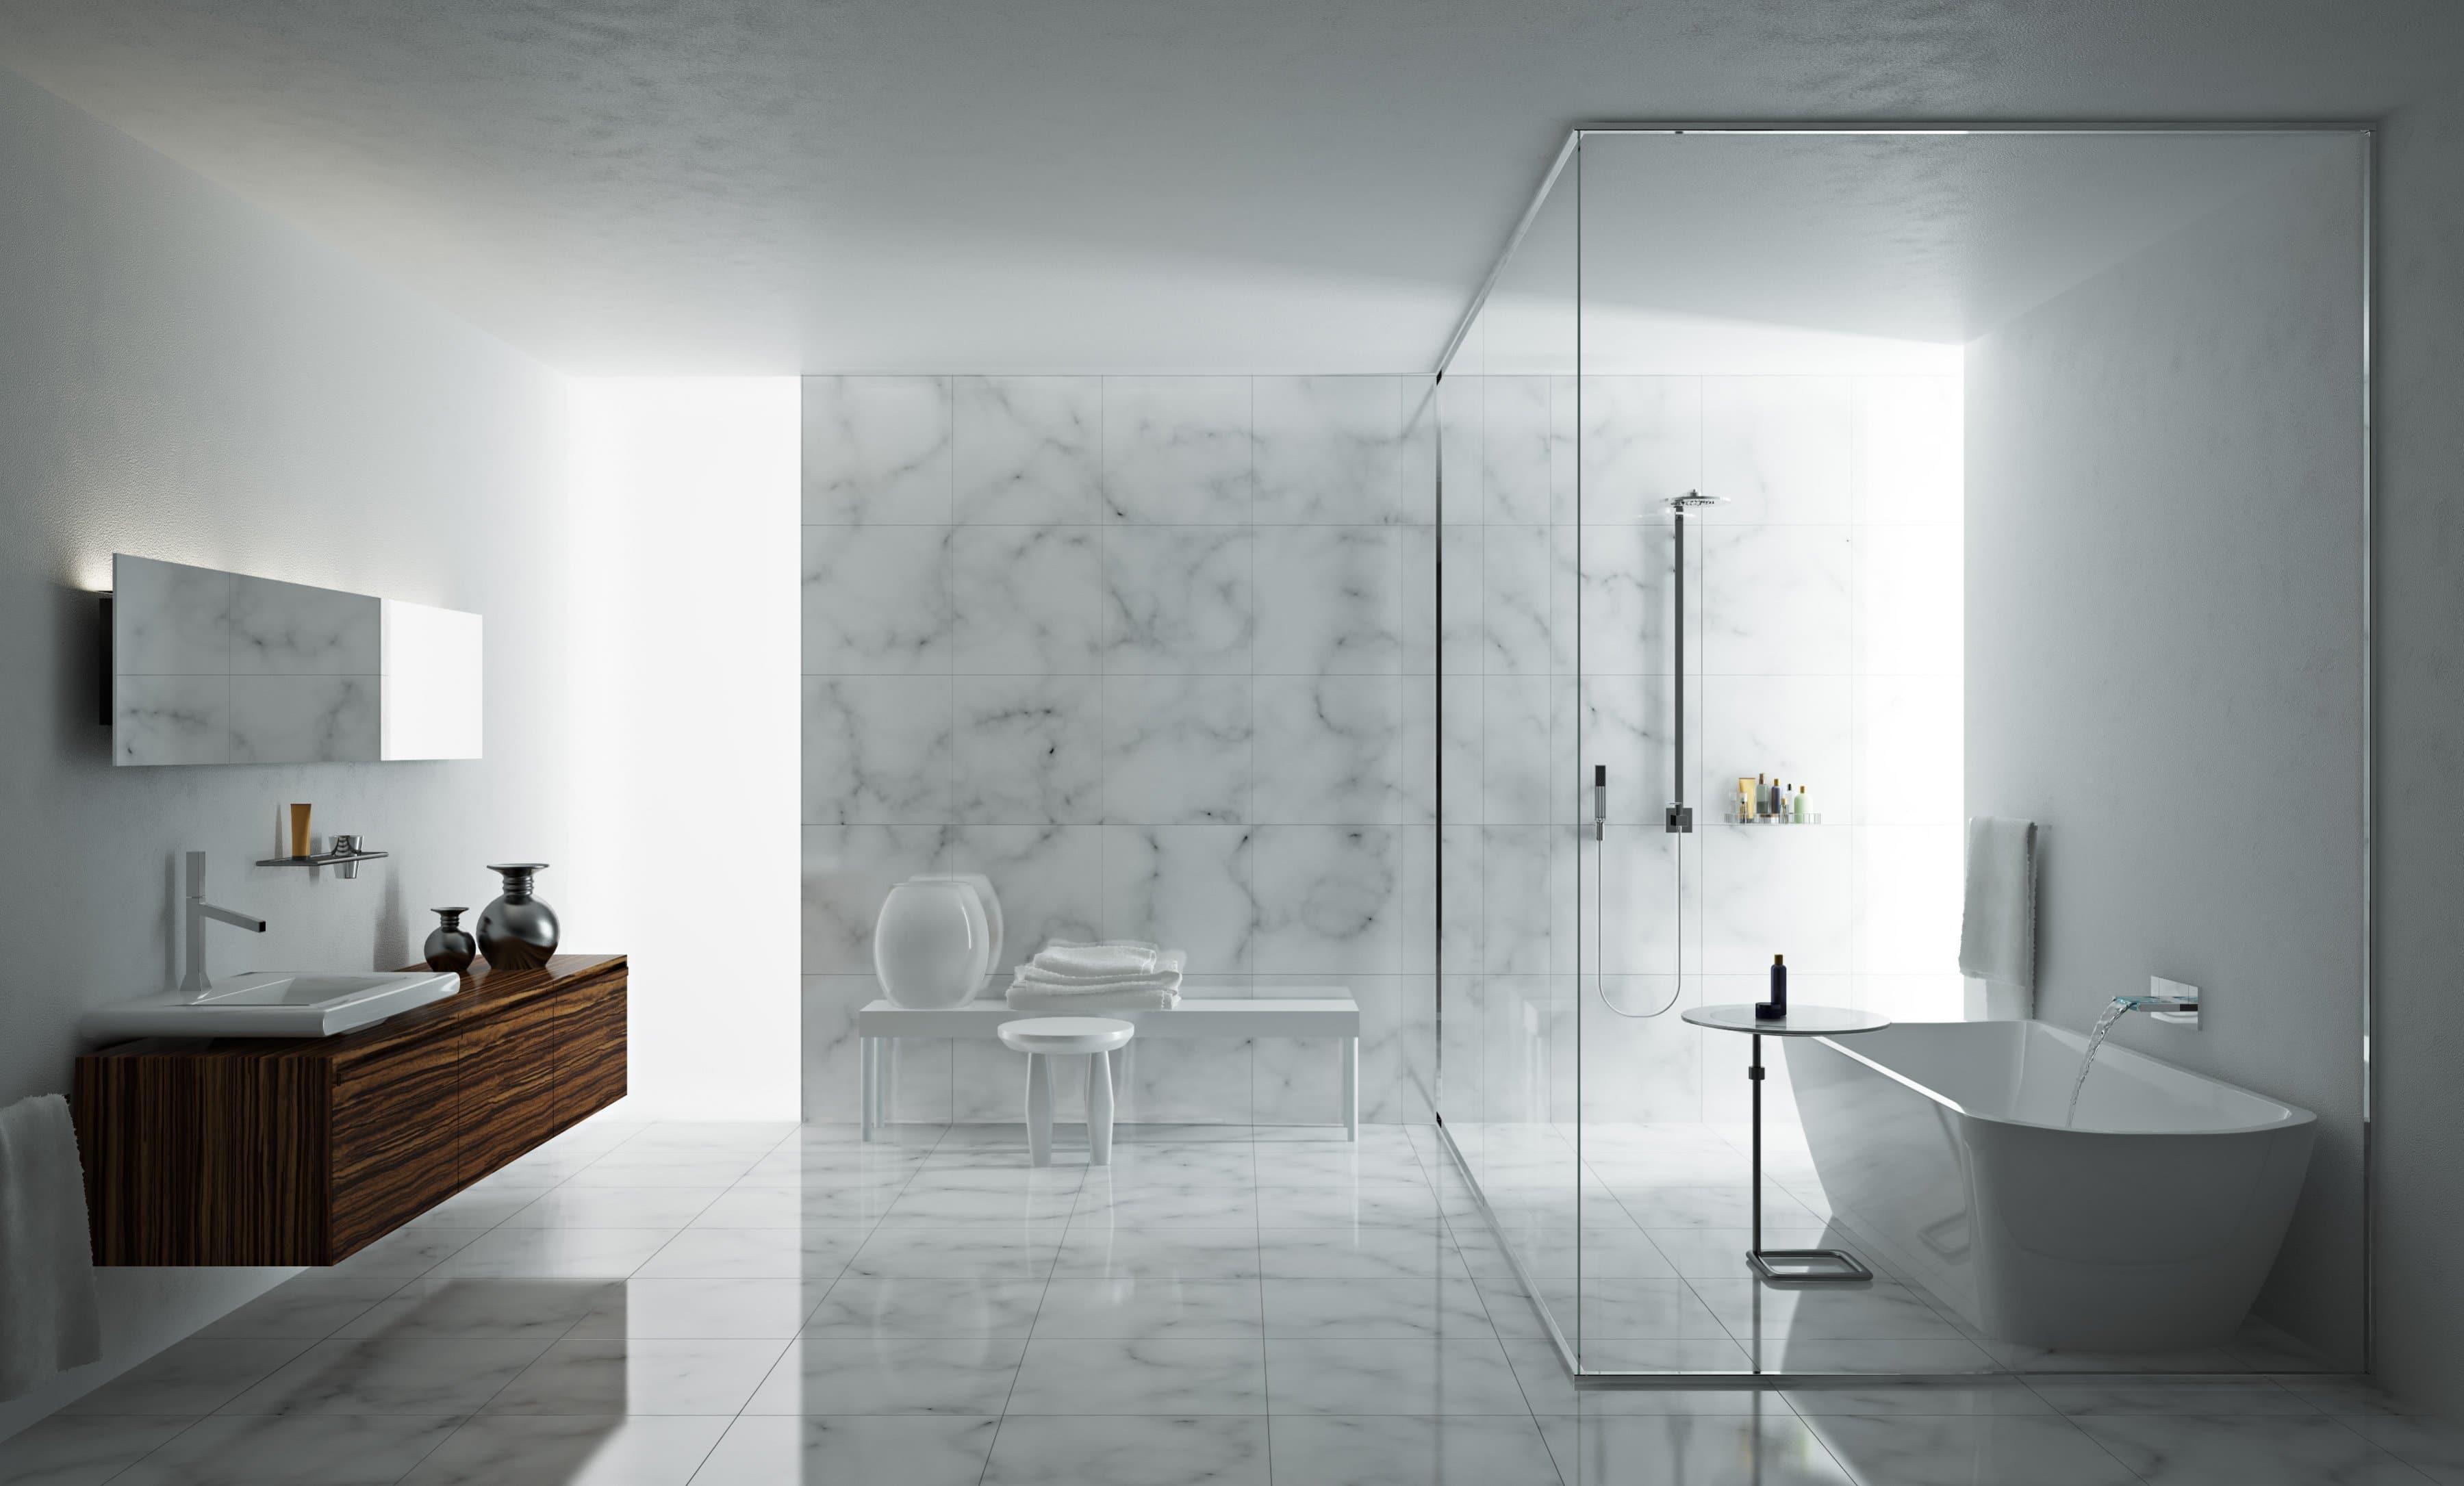 Salle de bain design minimaliste : 16 manières de débarrasser le